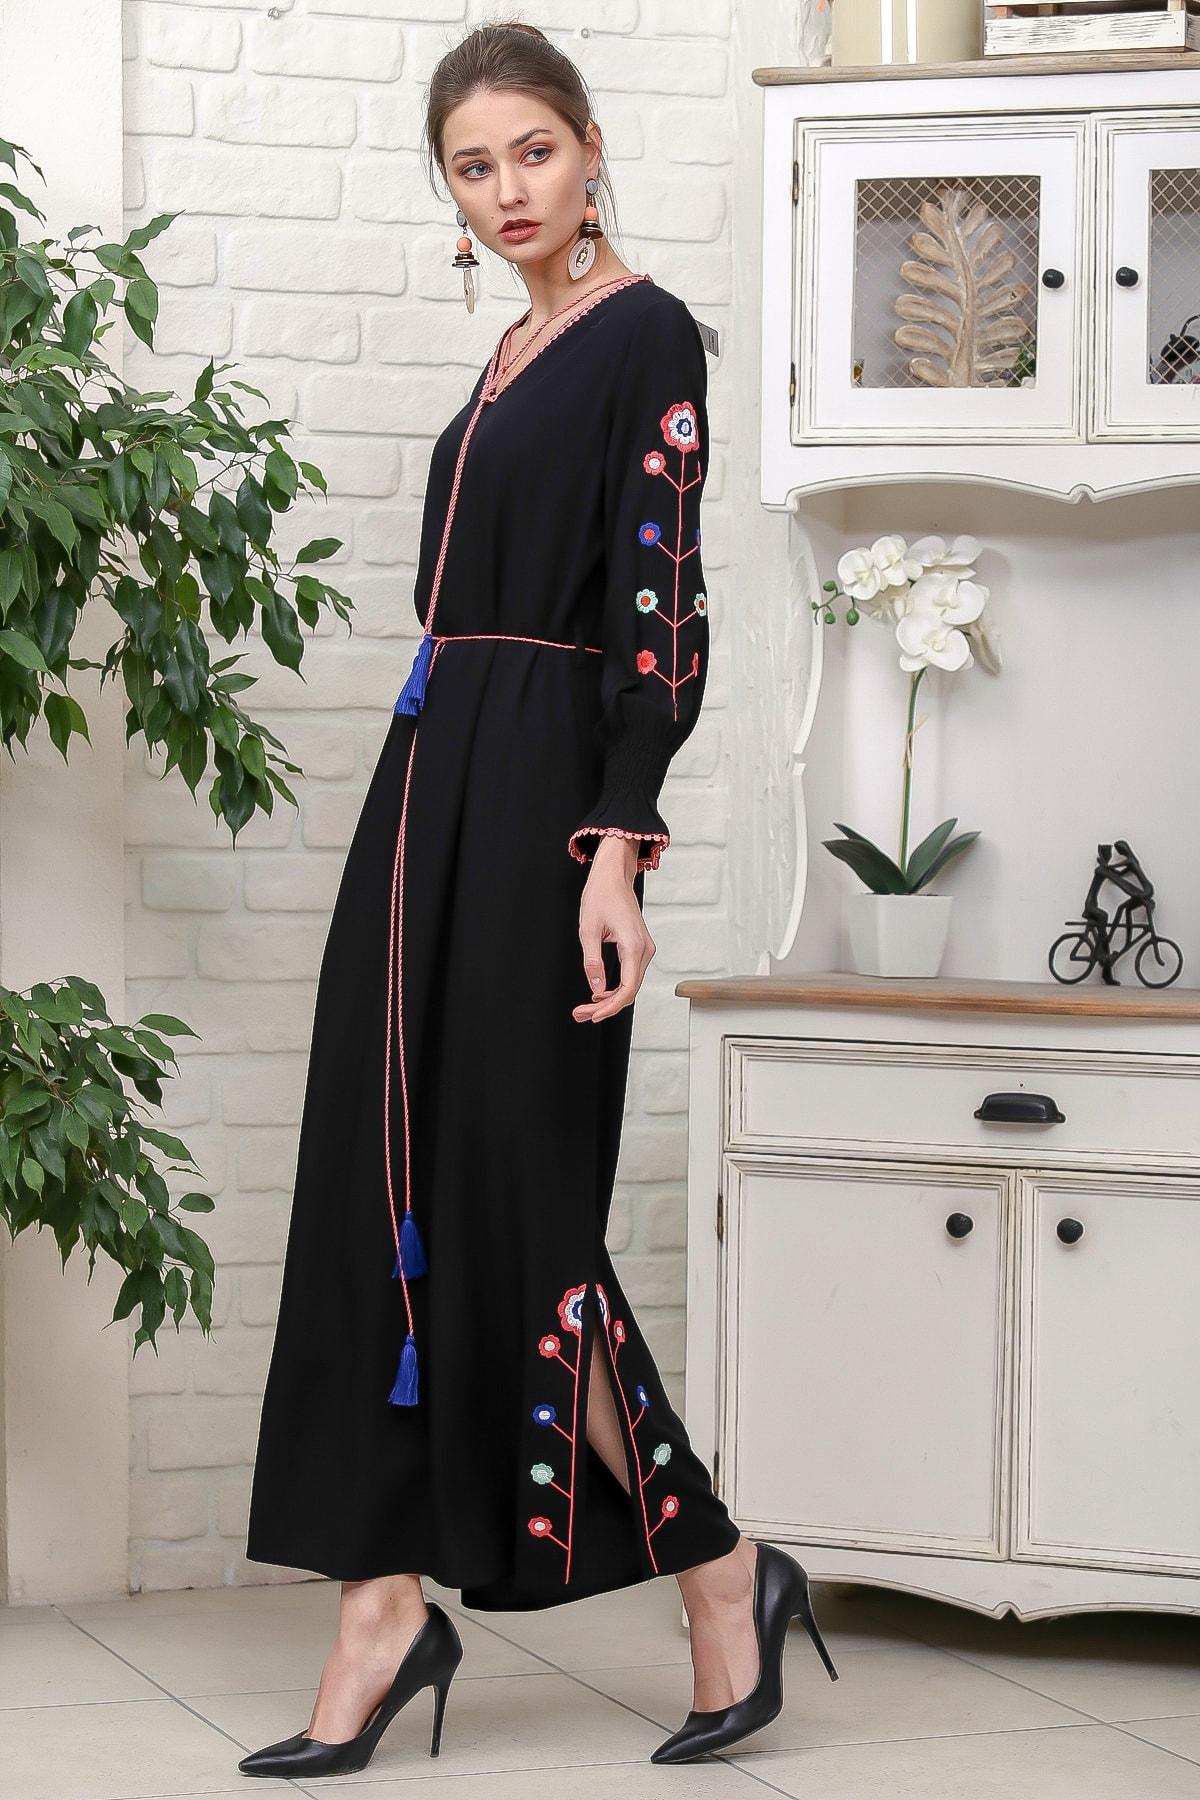 Chiccy Kadın Siyah Kol Ve Yırtmaçları Çiçek Nakışlı Püsküllü Bağcıklı Dokuma Uzun Elbise M10160000EL95942 2